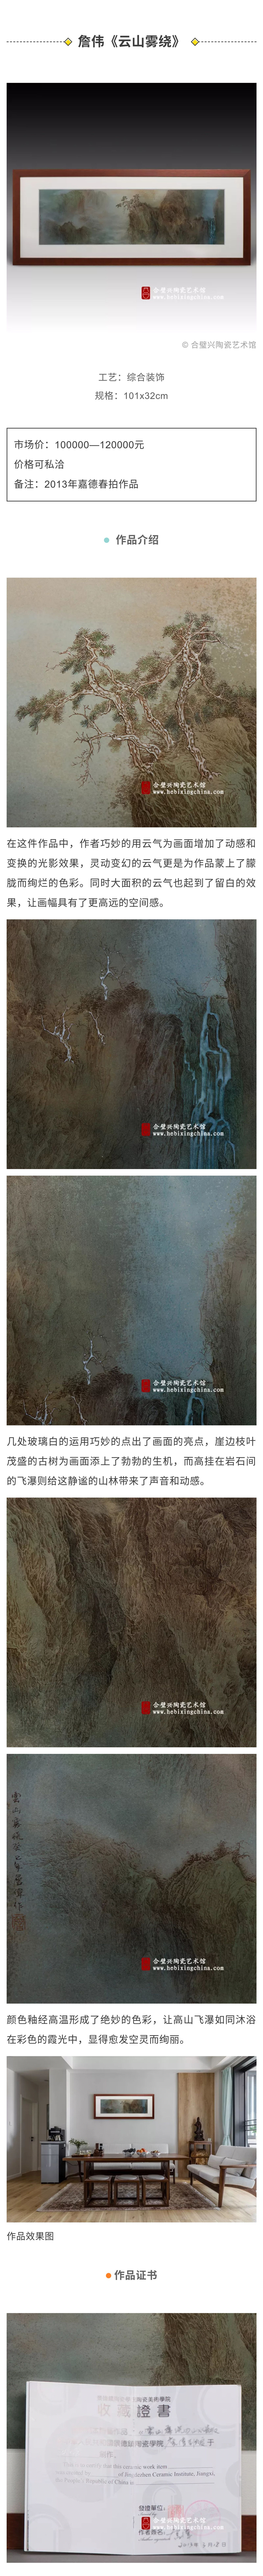 2詹伟-云山雾绕-小.jpg